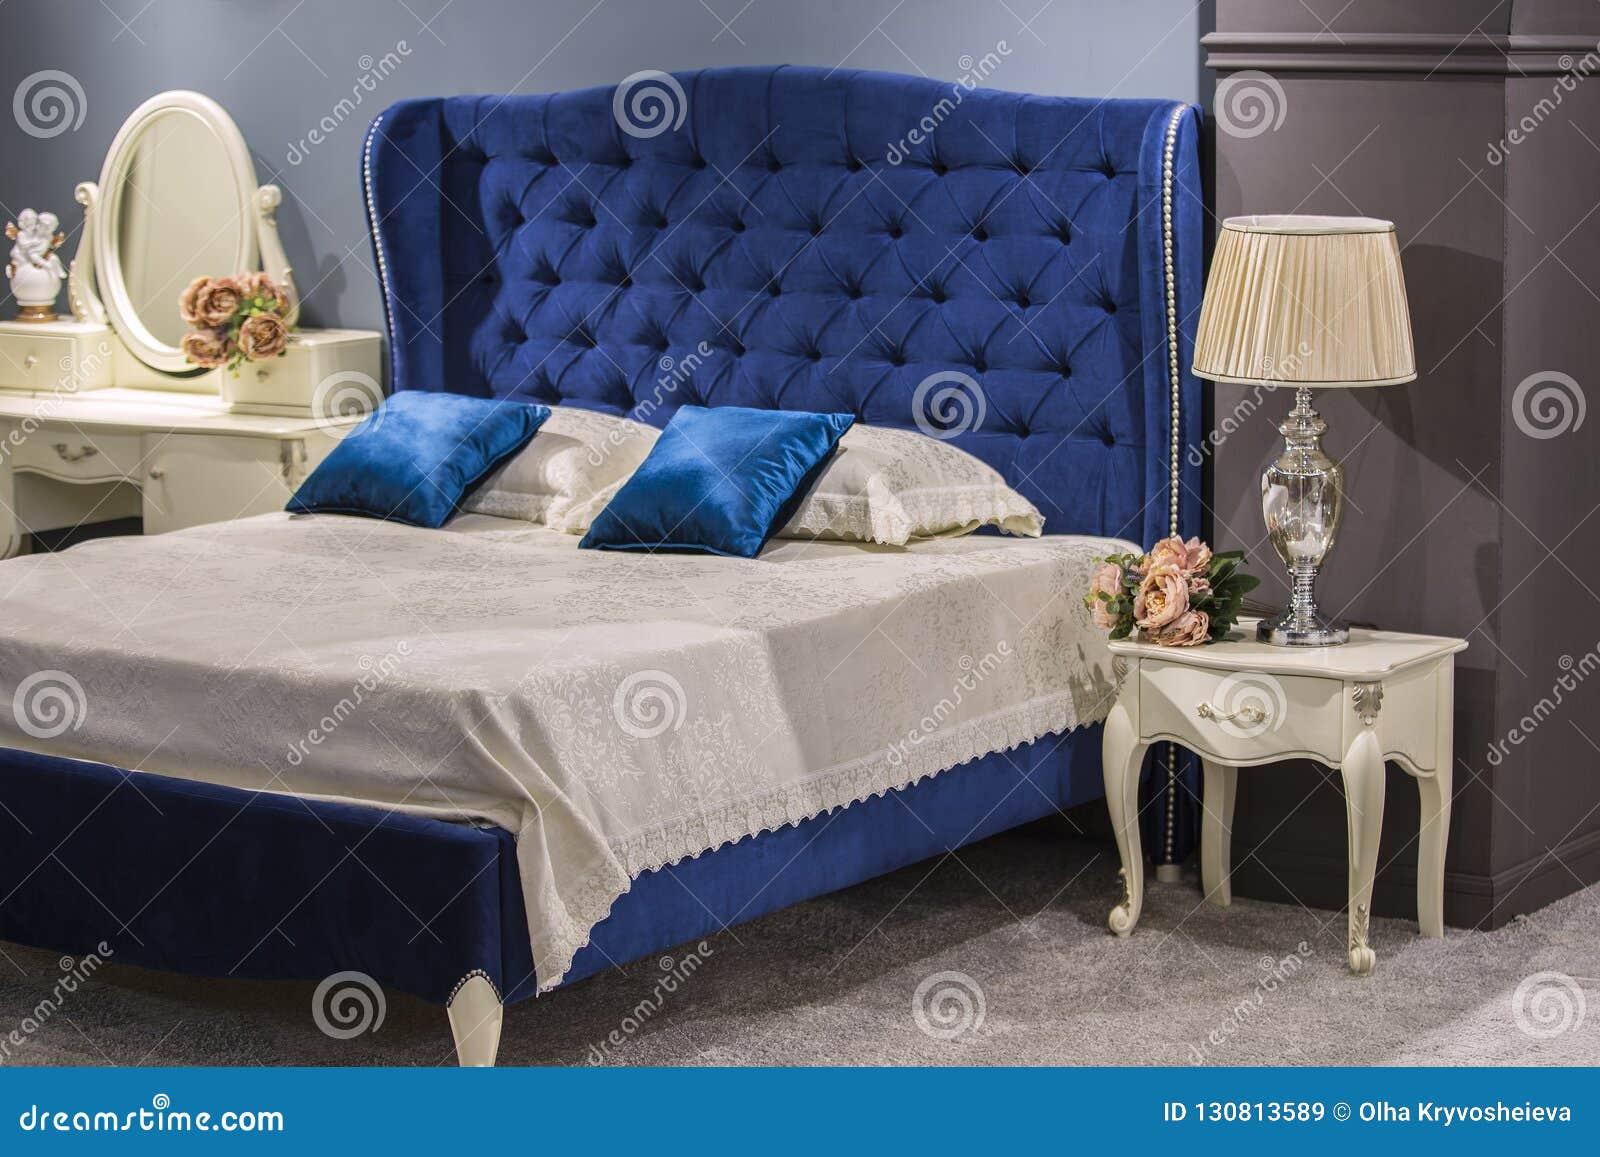 Lyxigt kungligt sovrum i antik stil med blå sammetsäng och vitnightstand